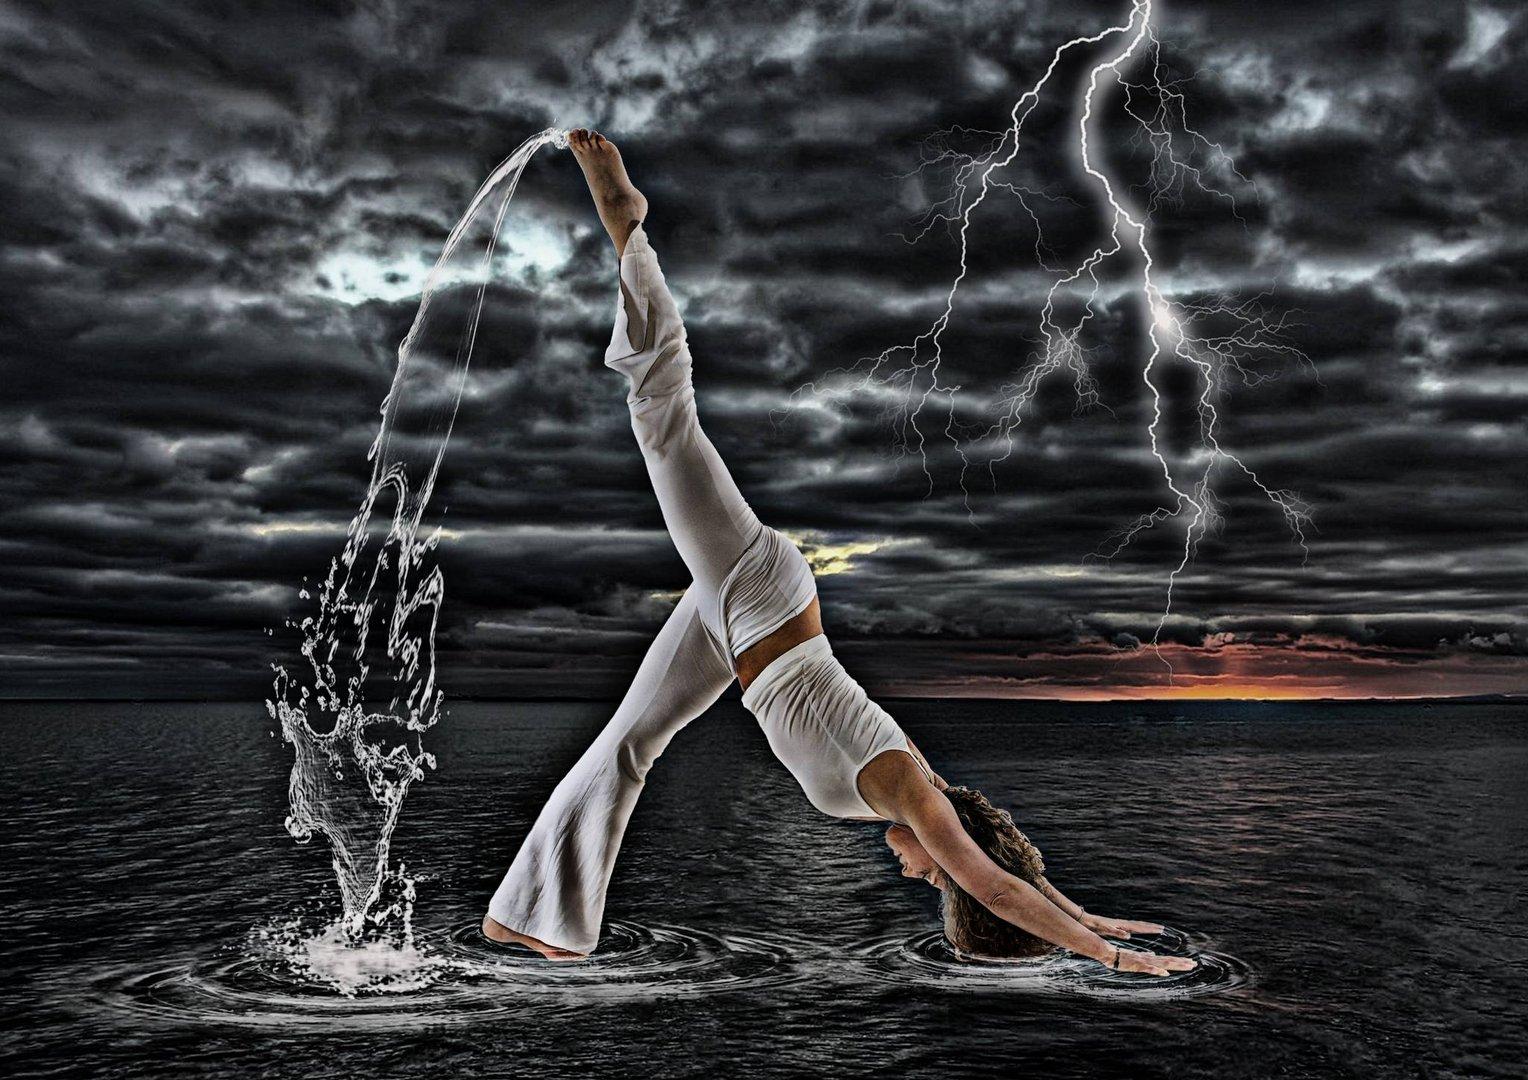 Heike Splash